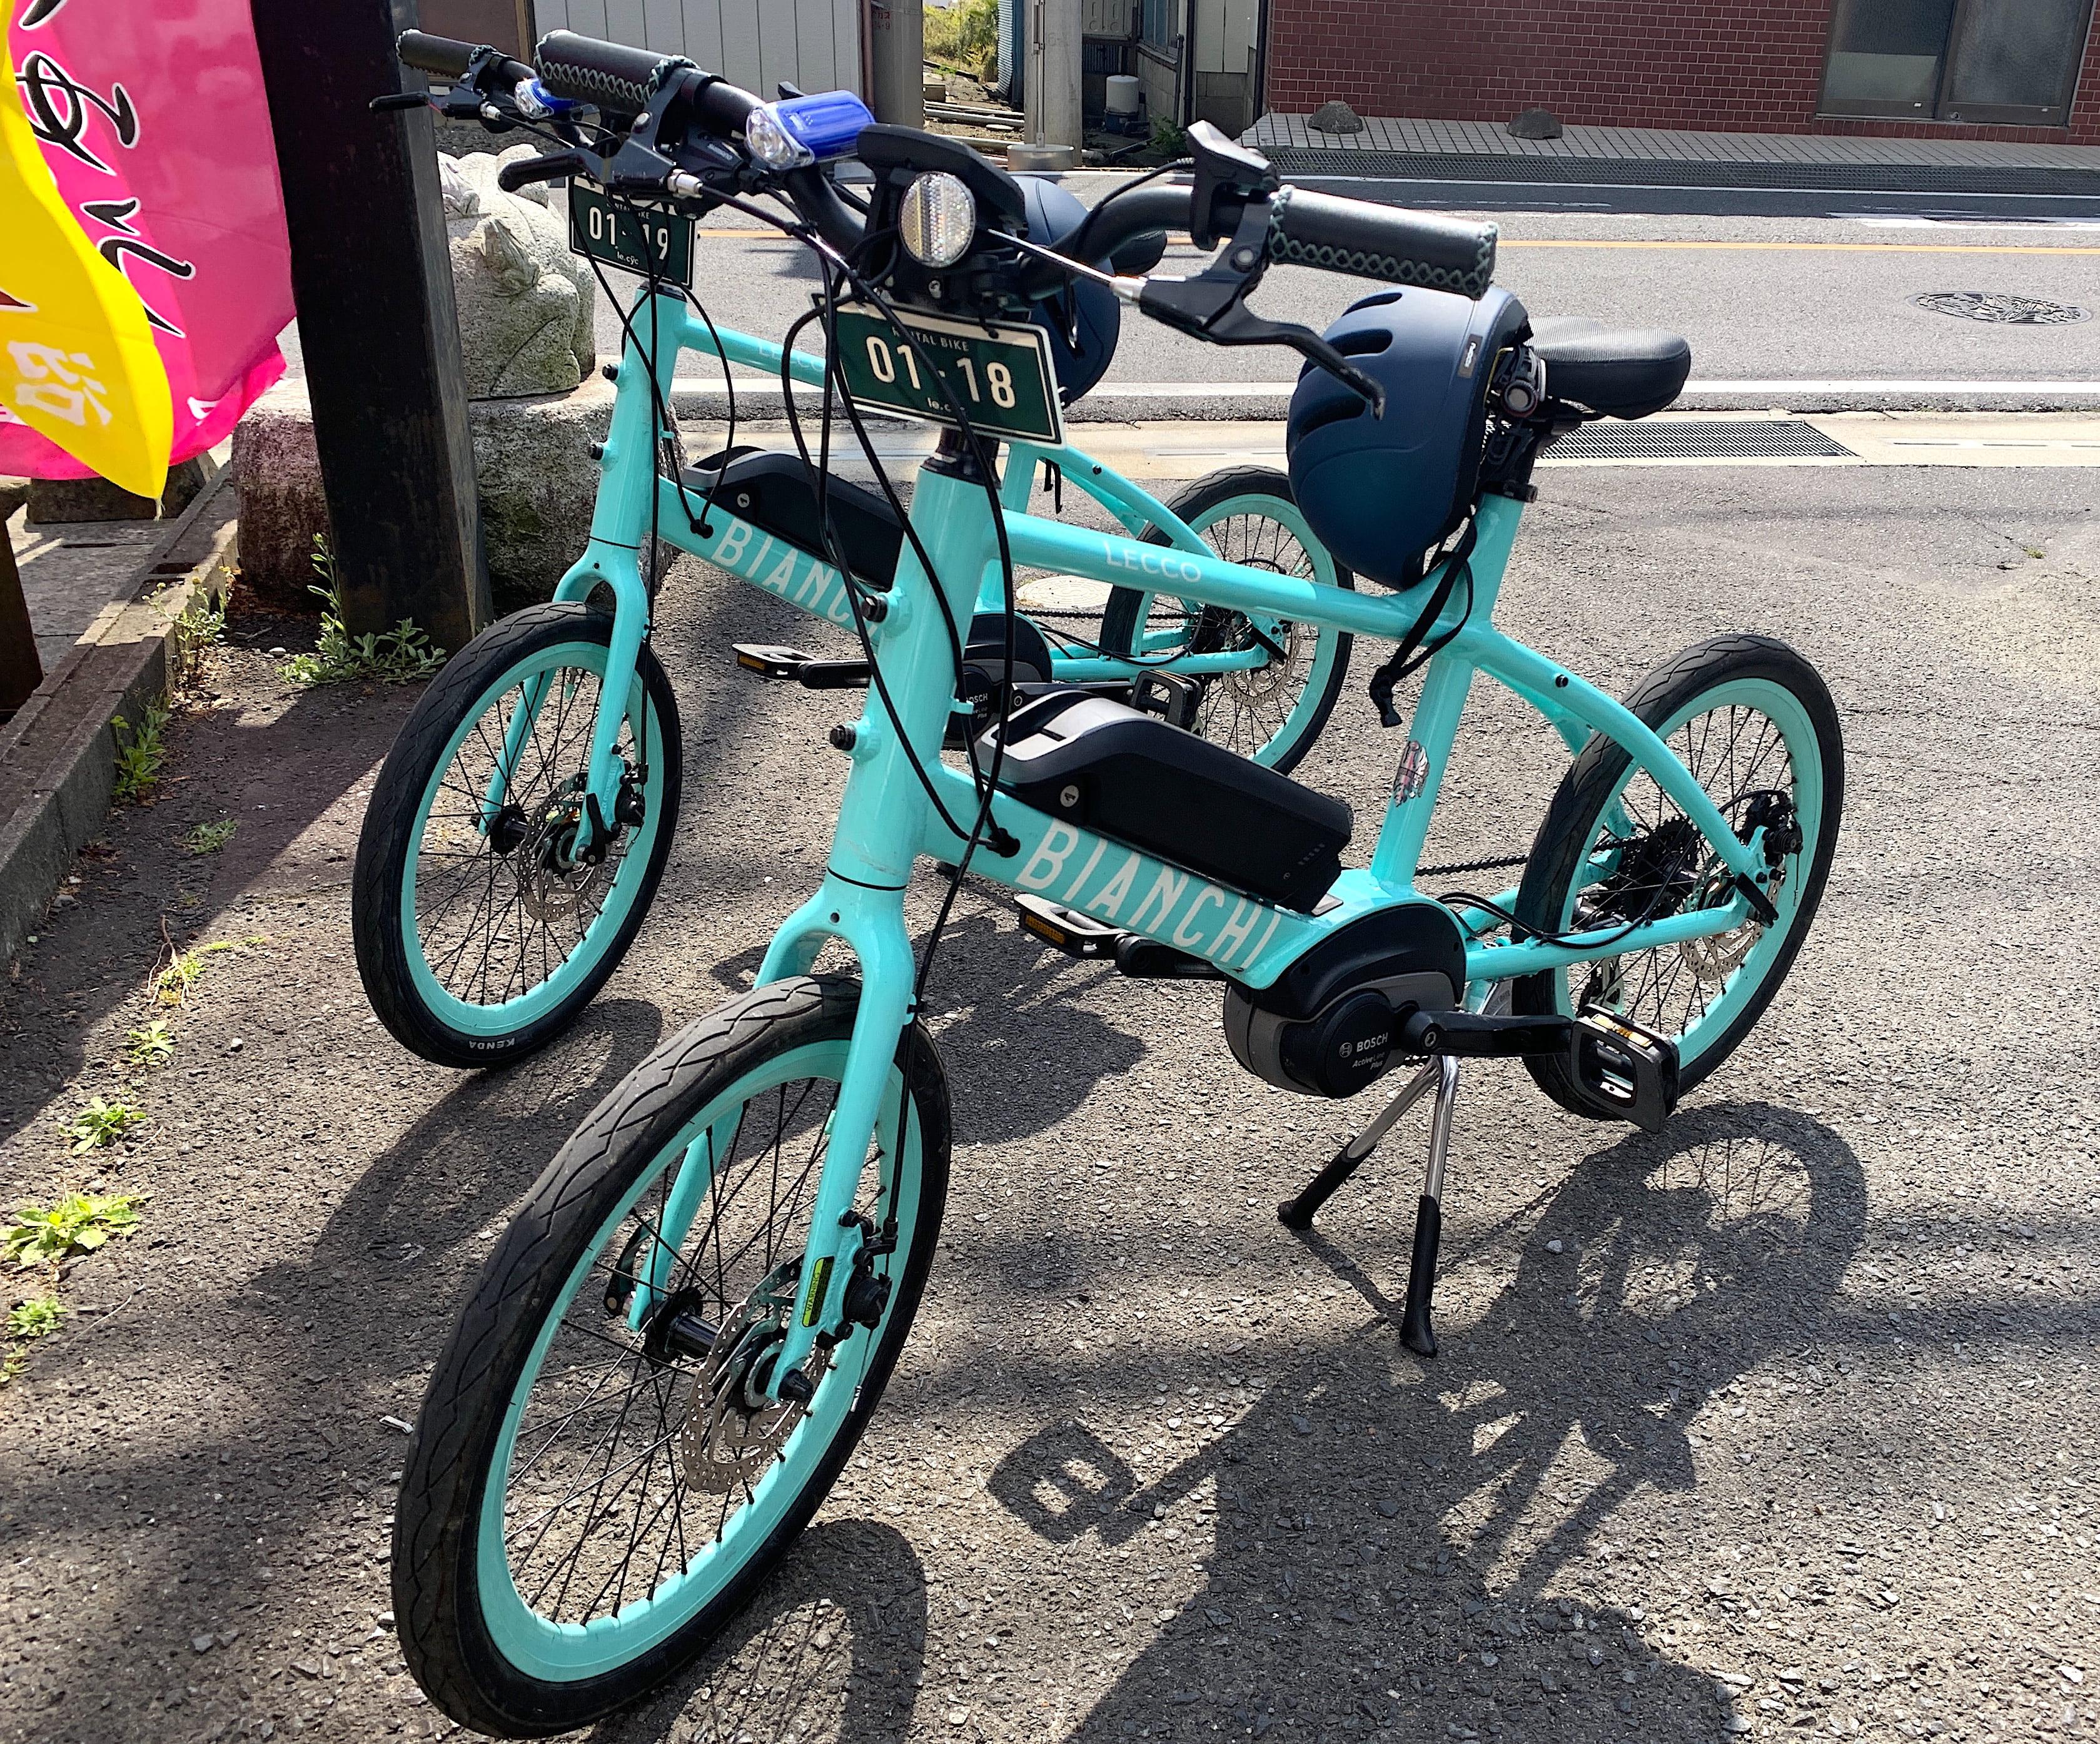 イタリアの自転車メーカー「Bianchi(ビアンキ)」の「Lecco-E(レッコE)」。コンパクトな20インチ車輪は街でも乗りやすいタイプ。ききのいいディスクブレーキを採用。定価は27万8000円(国内販売は終了)。レンタル料は4500円、ヘルメット・グローブの貸し出しもある(500円)。レンタルはすべて事前予約が必要。